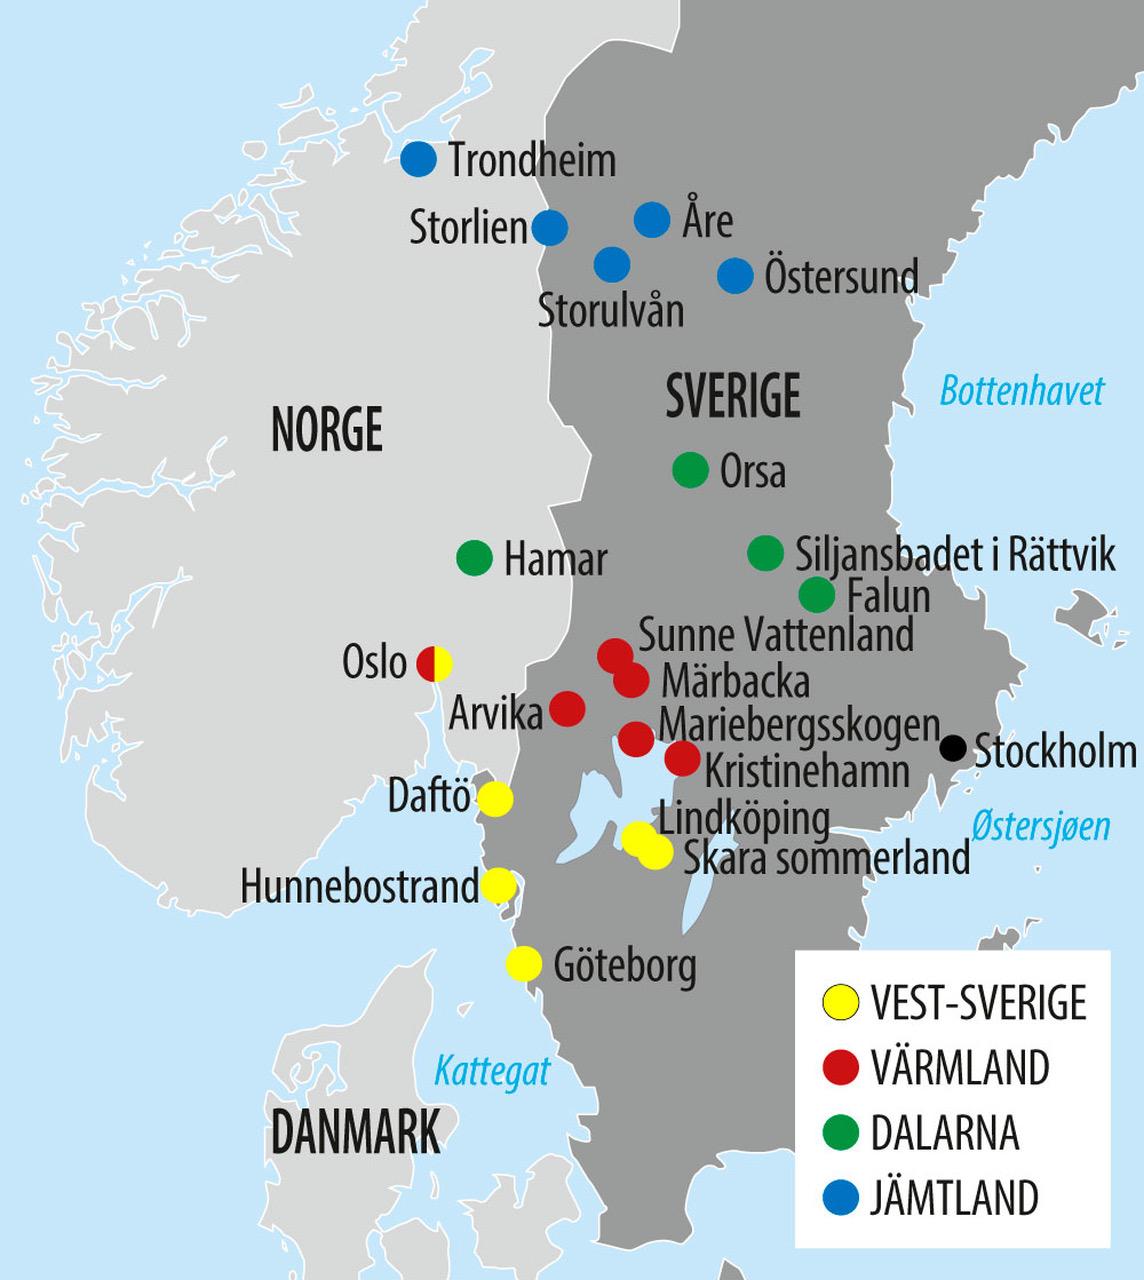 strømstad sverige kart Ta med familien på biltur til Sverige strømstad sverige kart